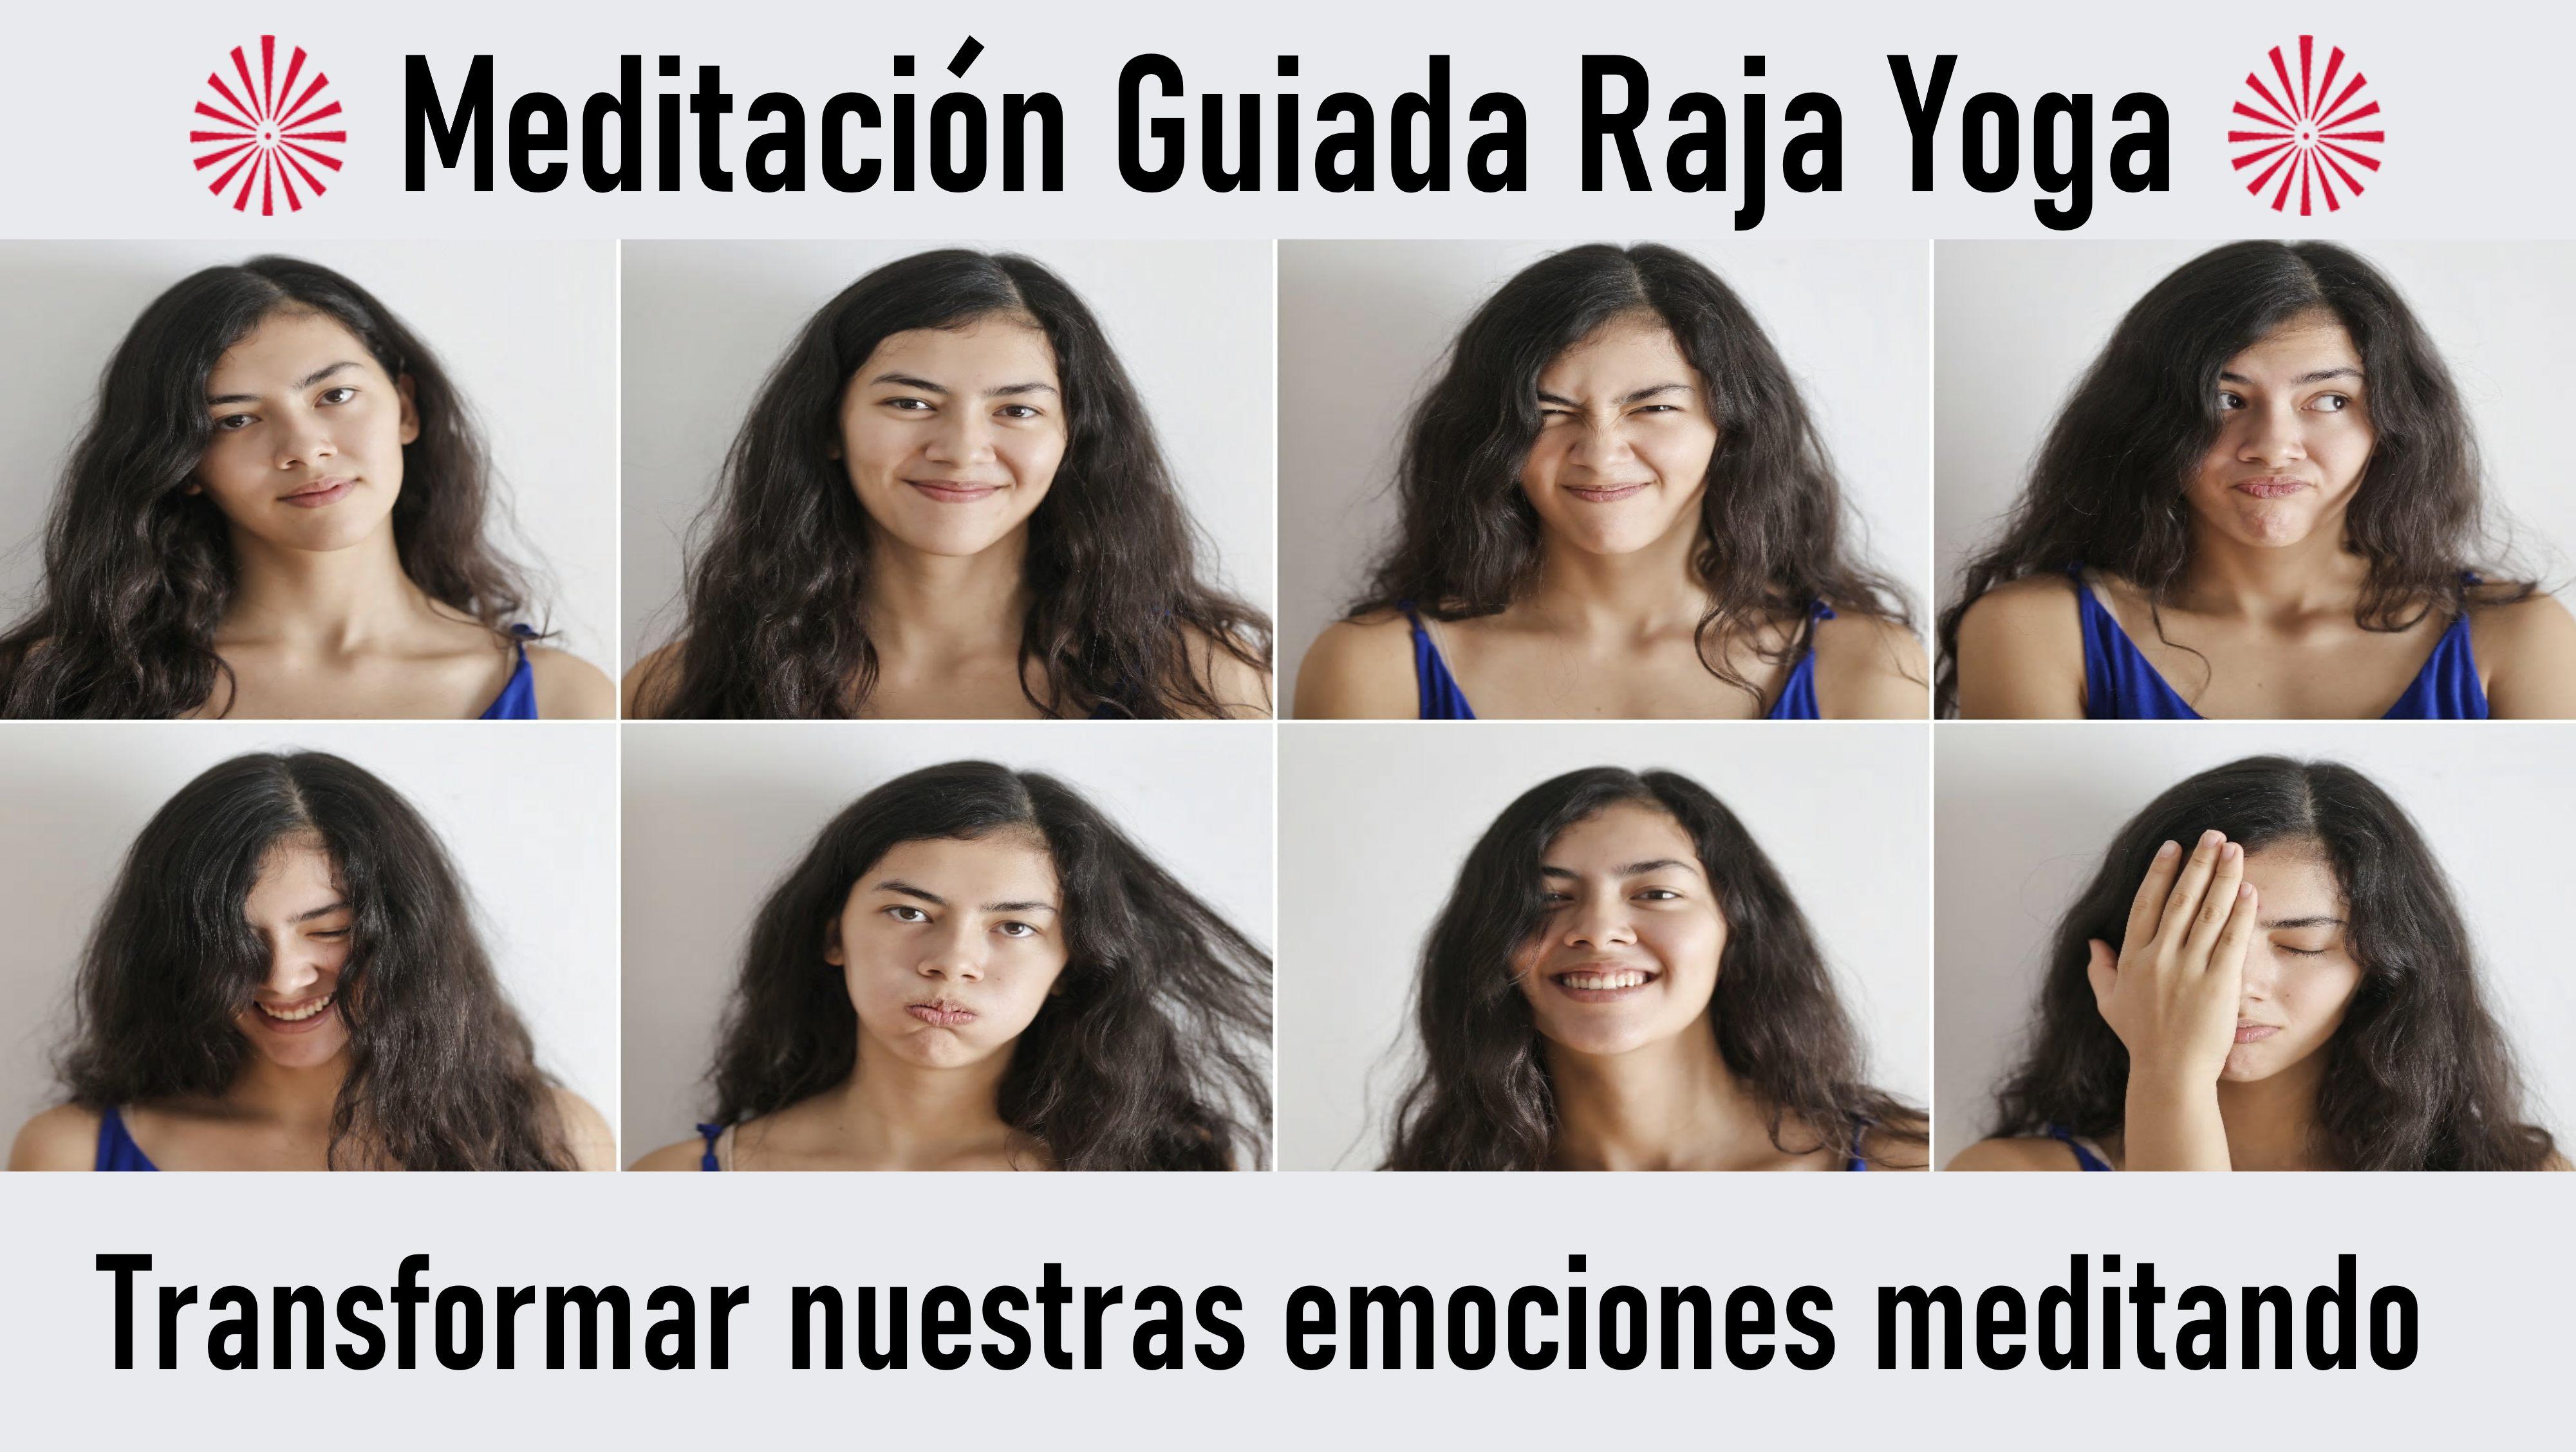 14 Octubre 2020 Meditación guiada: Transformar nuestras emociones meditando